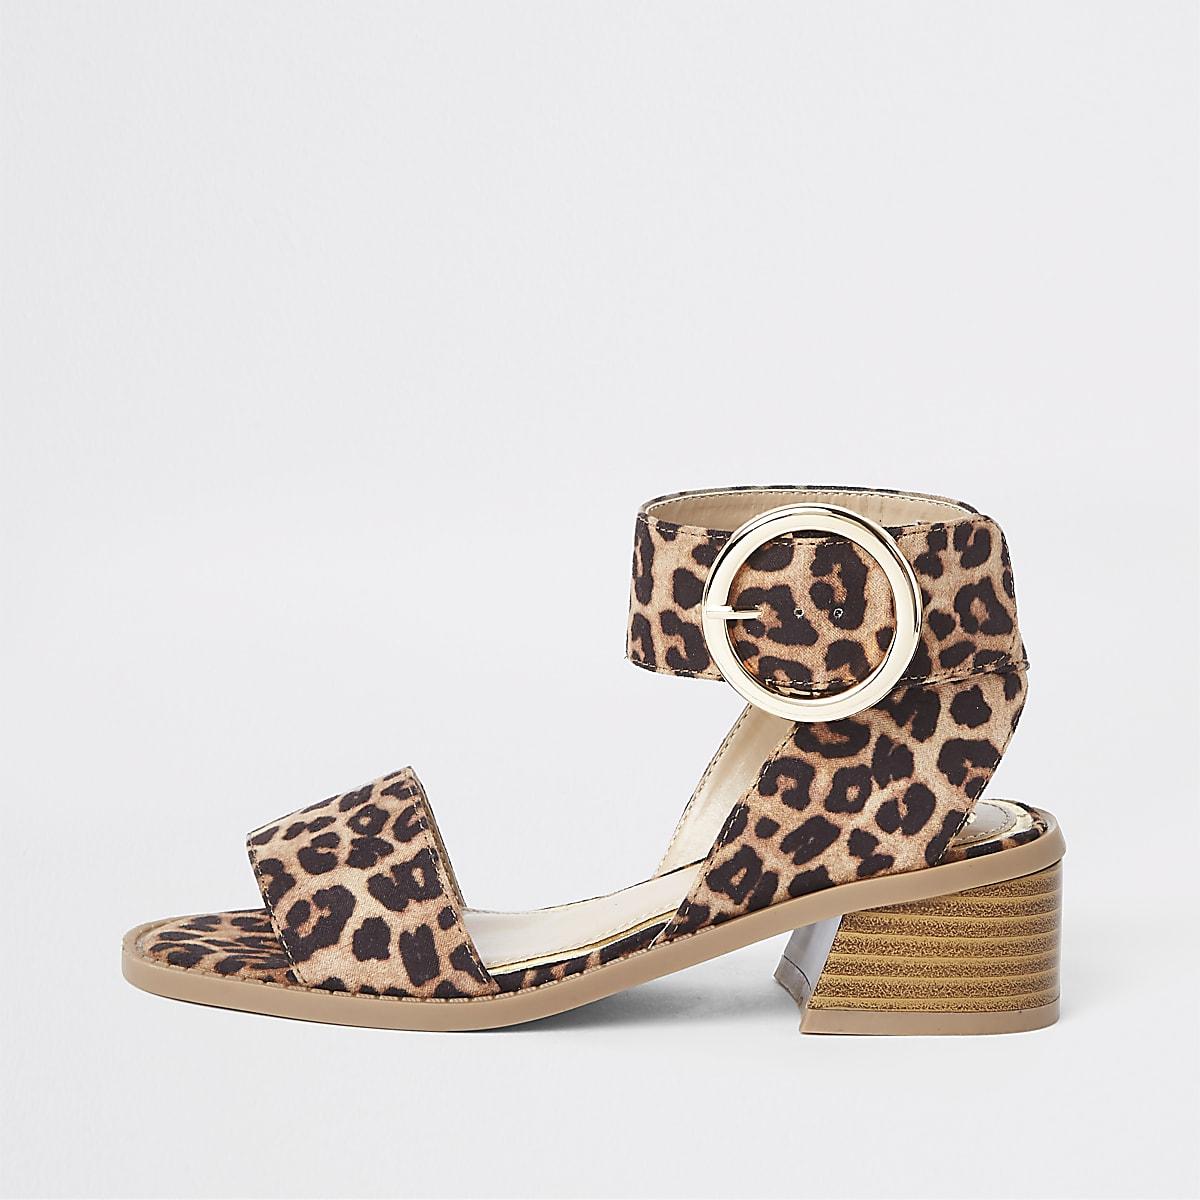 Sandalen Schuhe Und Braune Mit Blockabsatz Leoprint bg6f7y